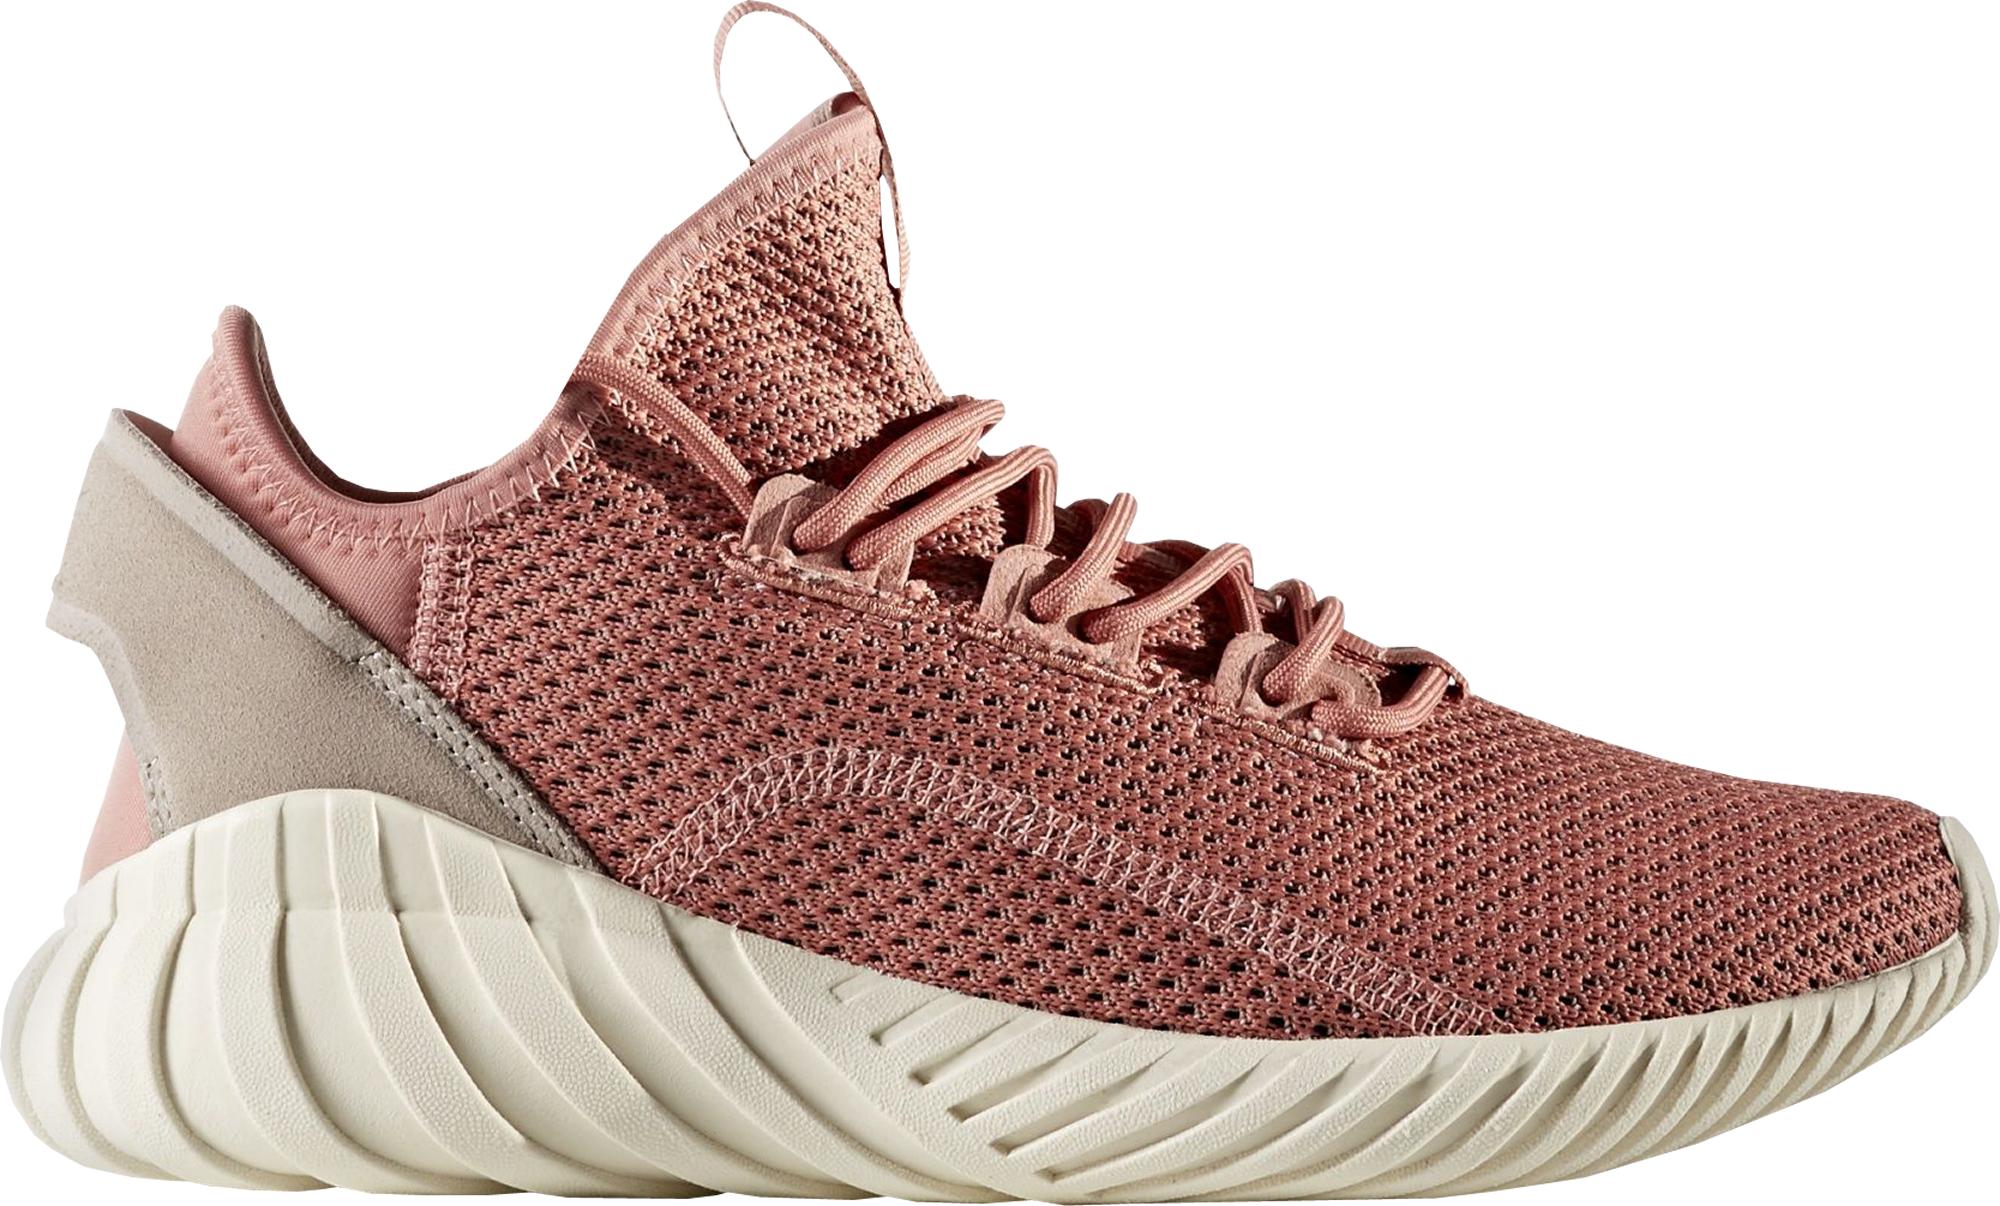 adidas Tubular Doom Raw Pink (W) - BY9336